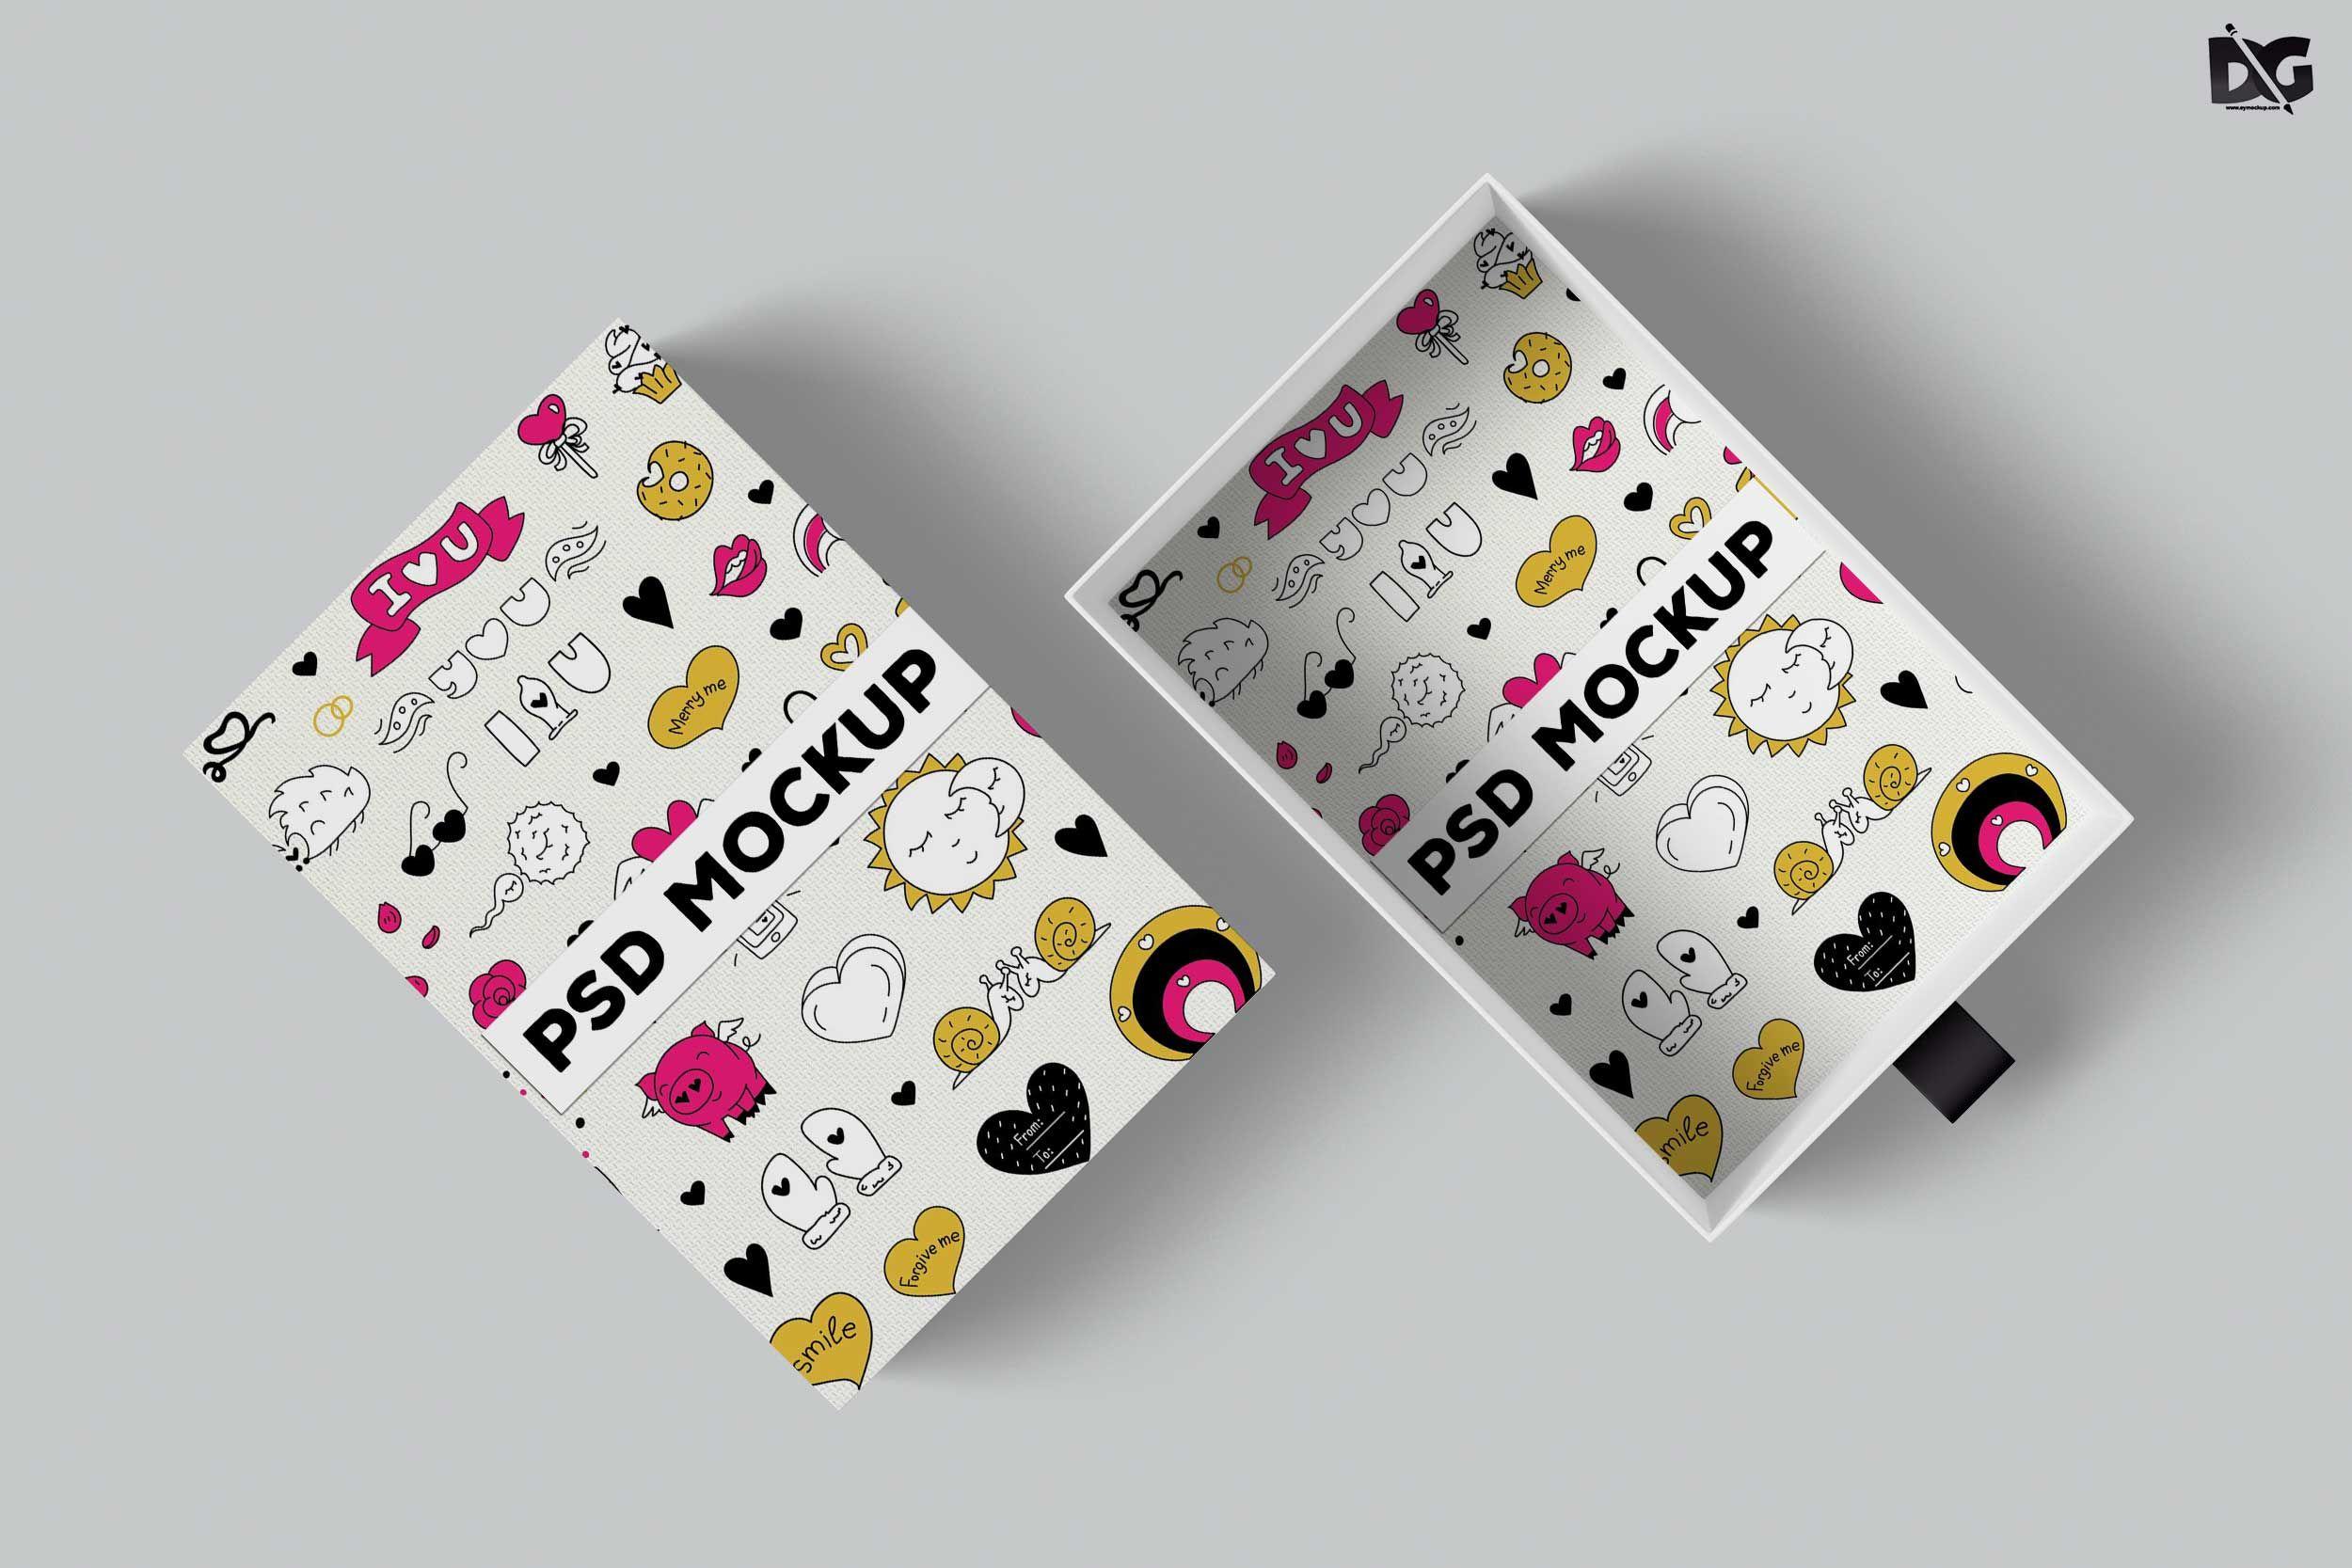 Download Packaging Psd Mockup Mockup Free Psd Mockup Psd Free Logo Psd